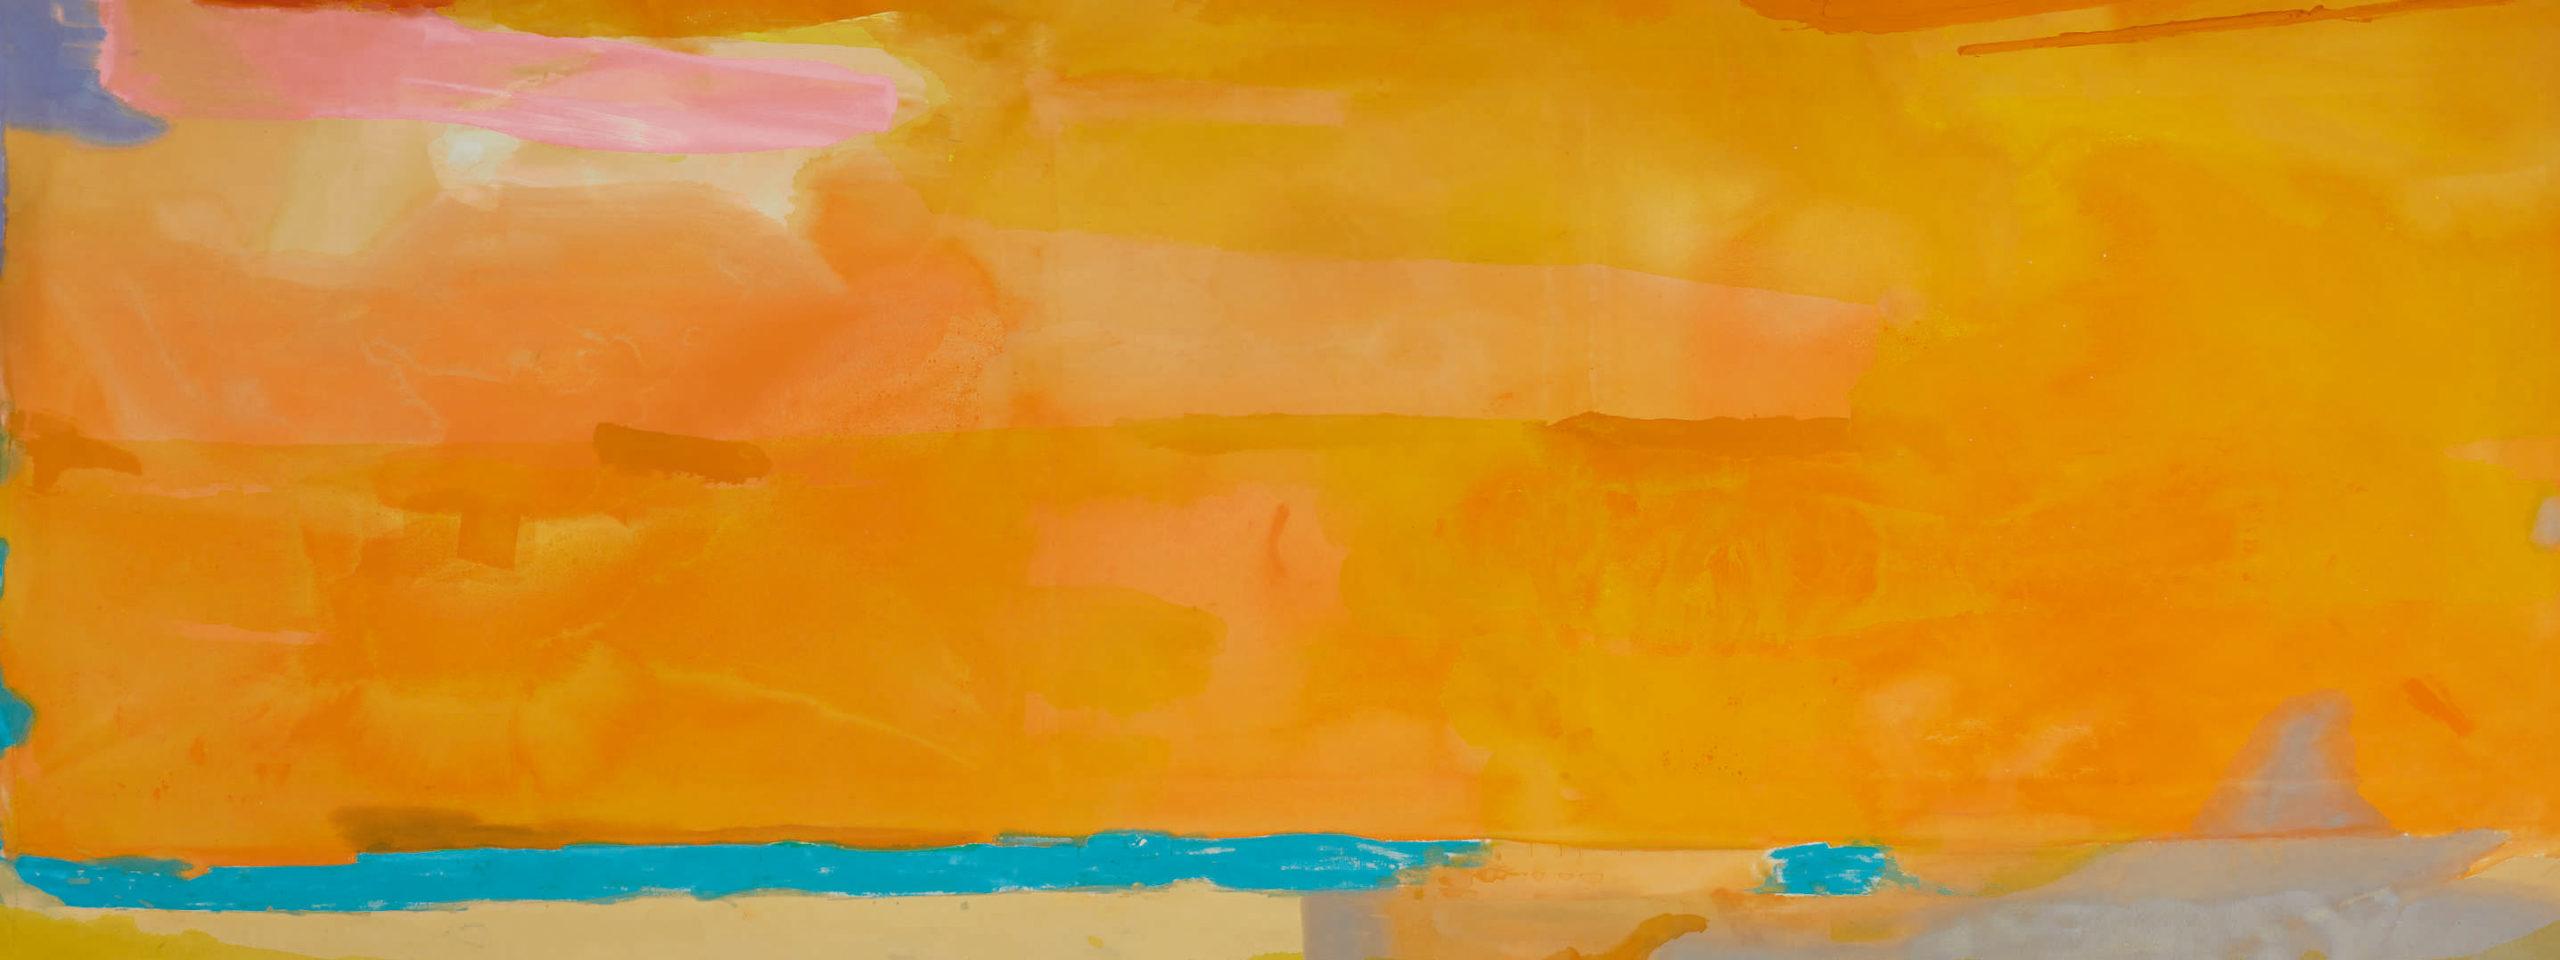 10380 Lot 2 - Helen Frankenthaler, Royal Fireworks